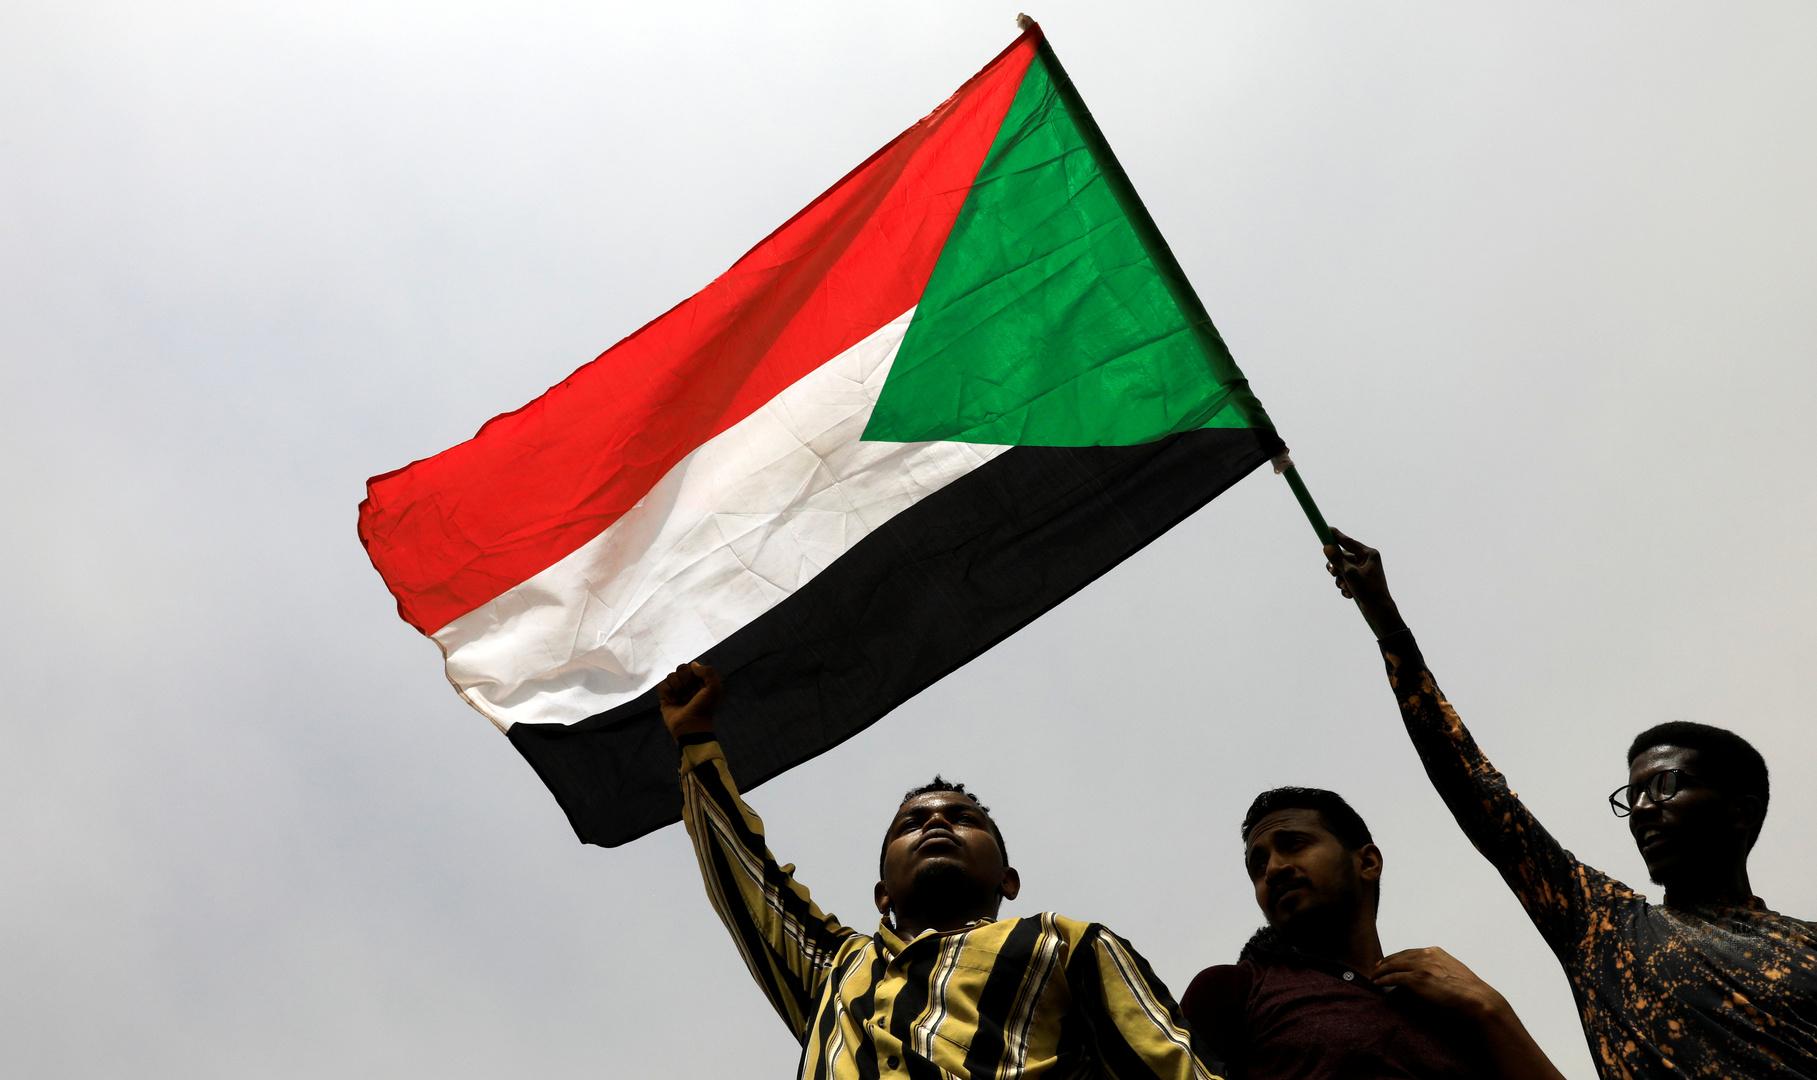 مواطنون سودانيون في الخرطوم يحملون علم بلادهم